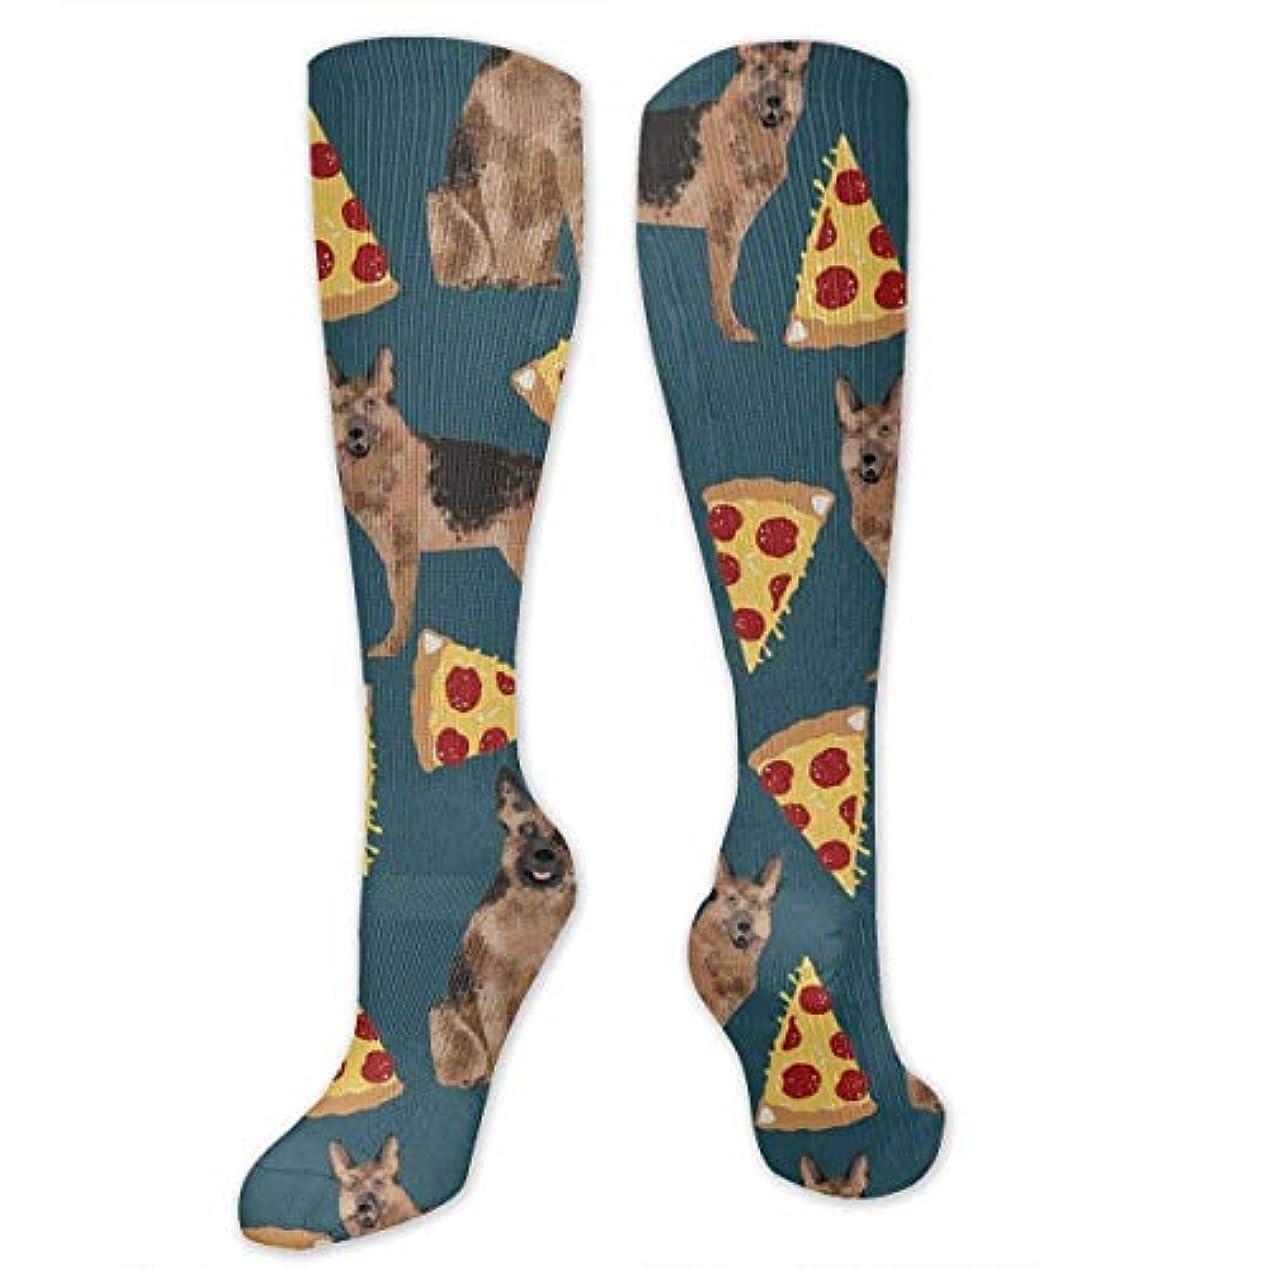 談話泥沼スーツ3 Dのジャーマンシェパードのピザのソックスは、女性の男性のためのソックスを運びます